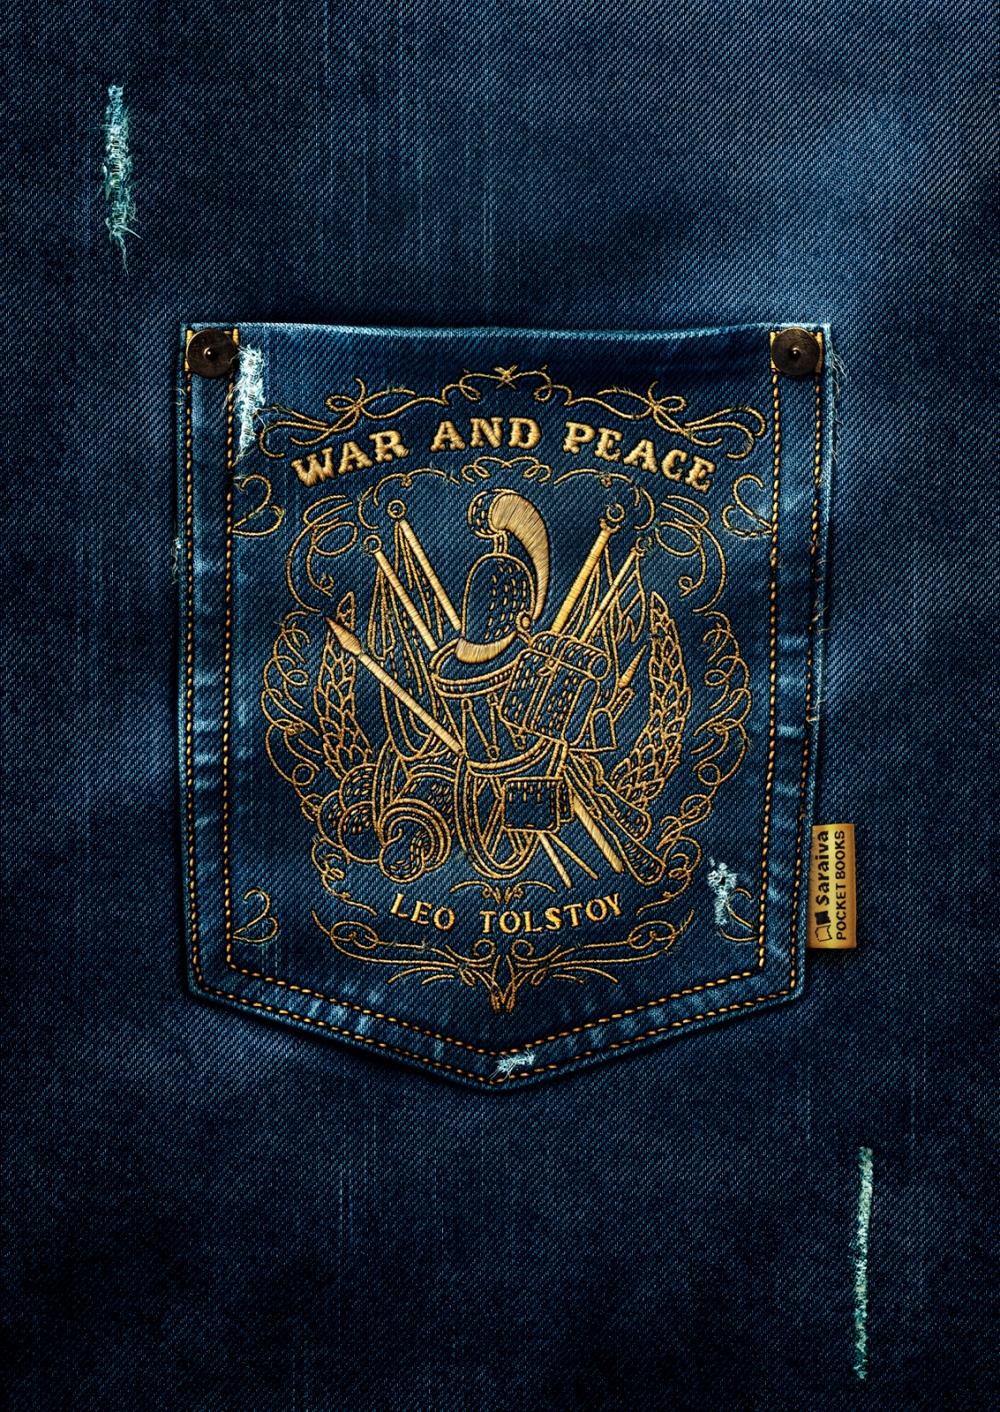 war and peace - saraiva - outdoor